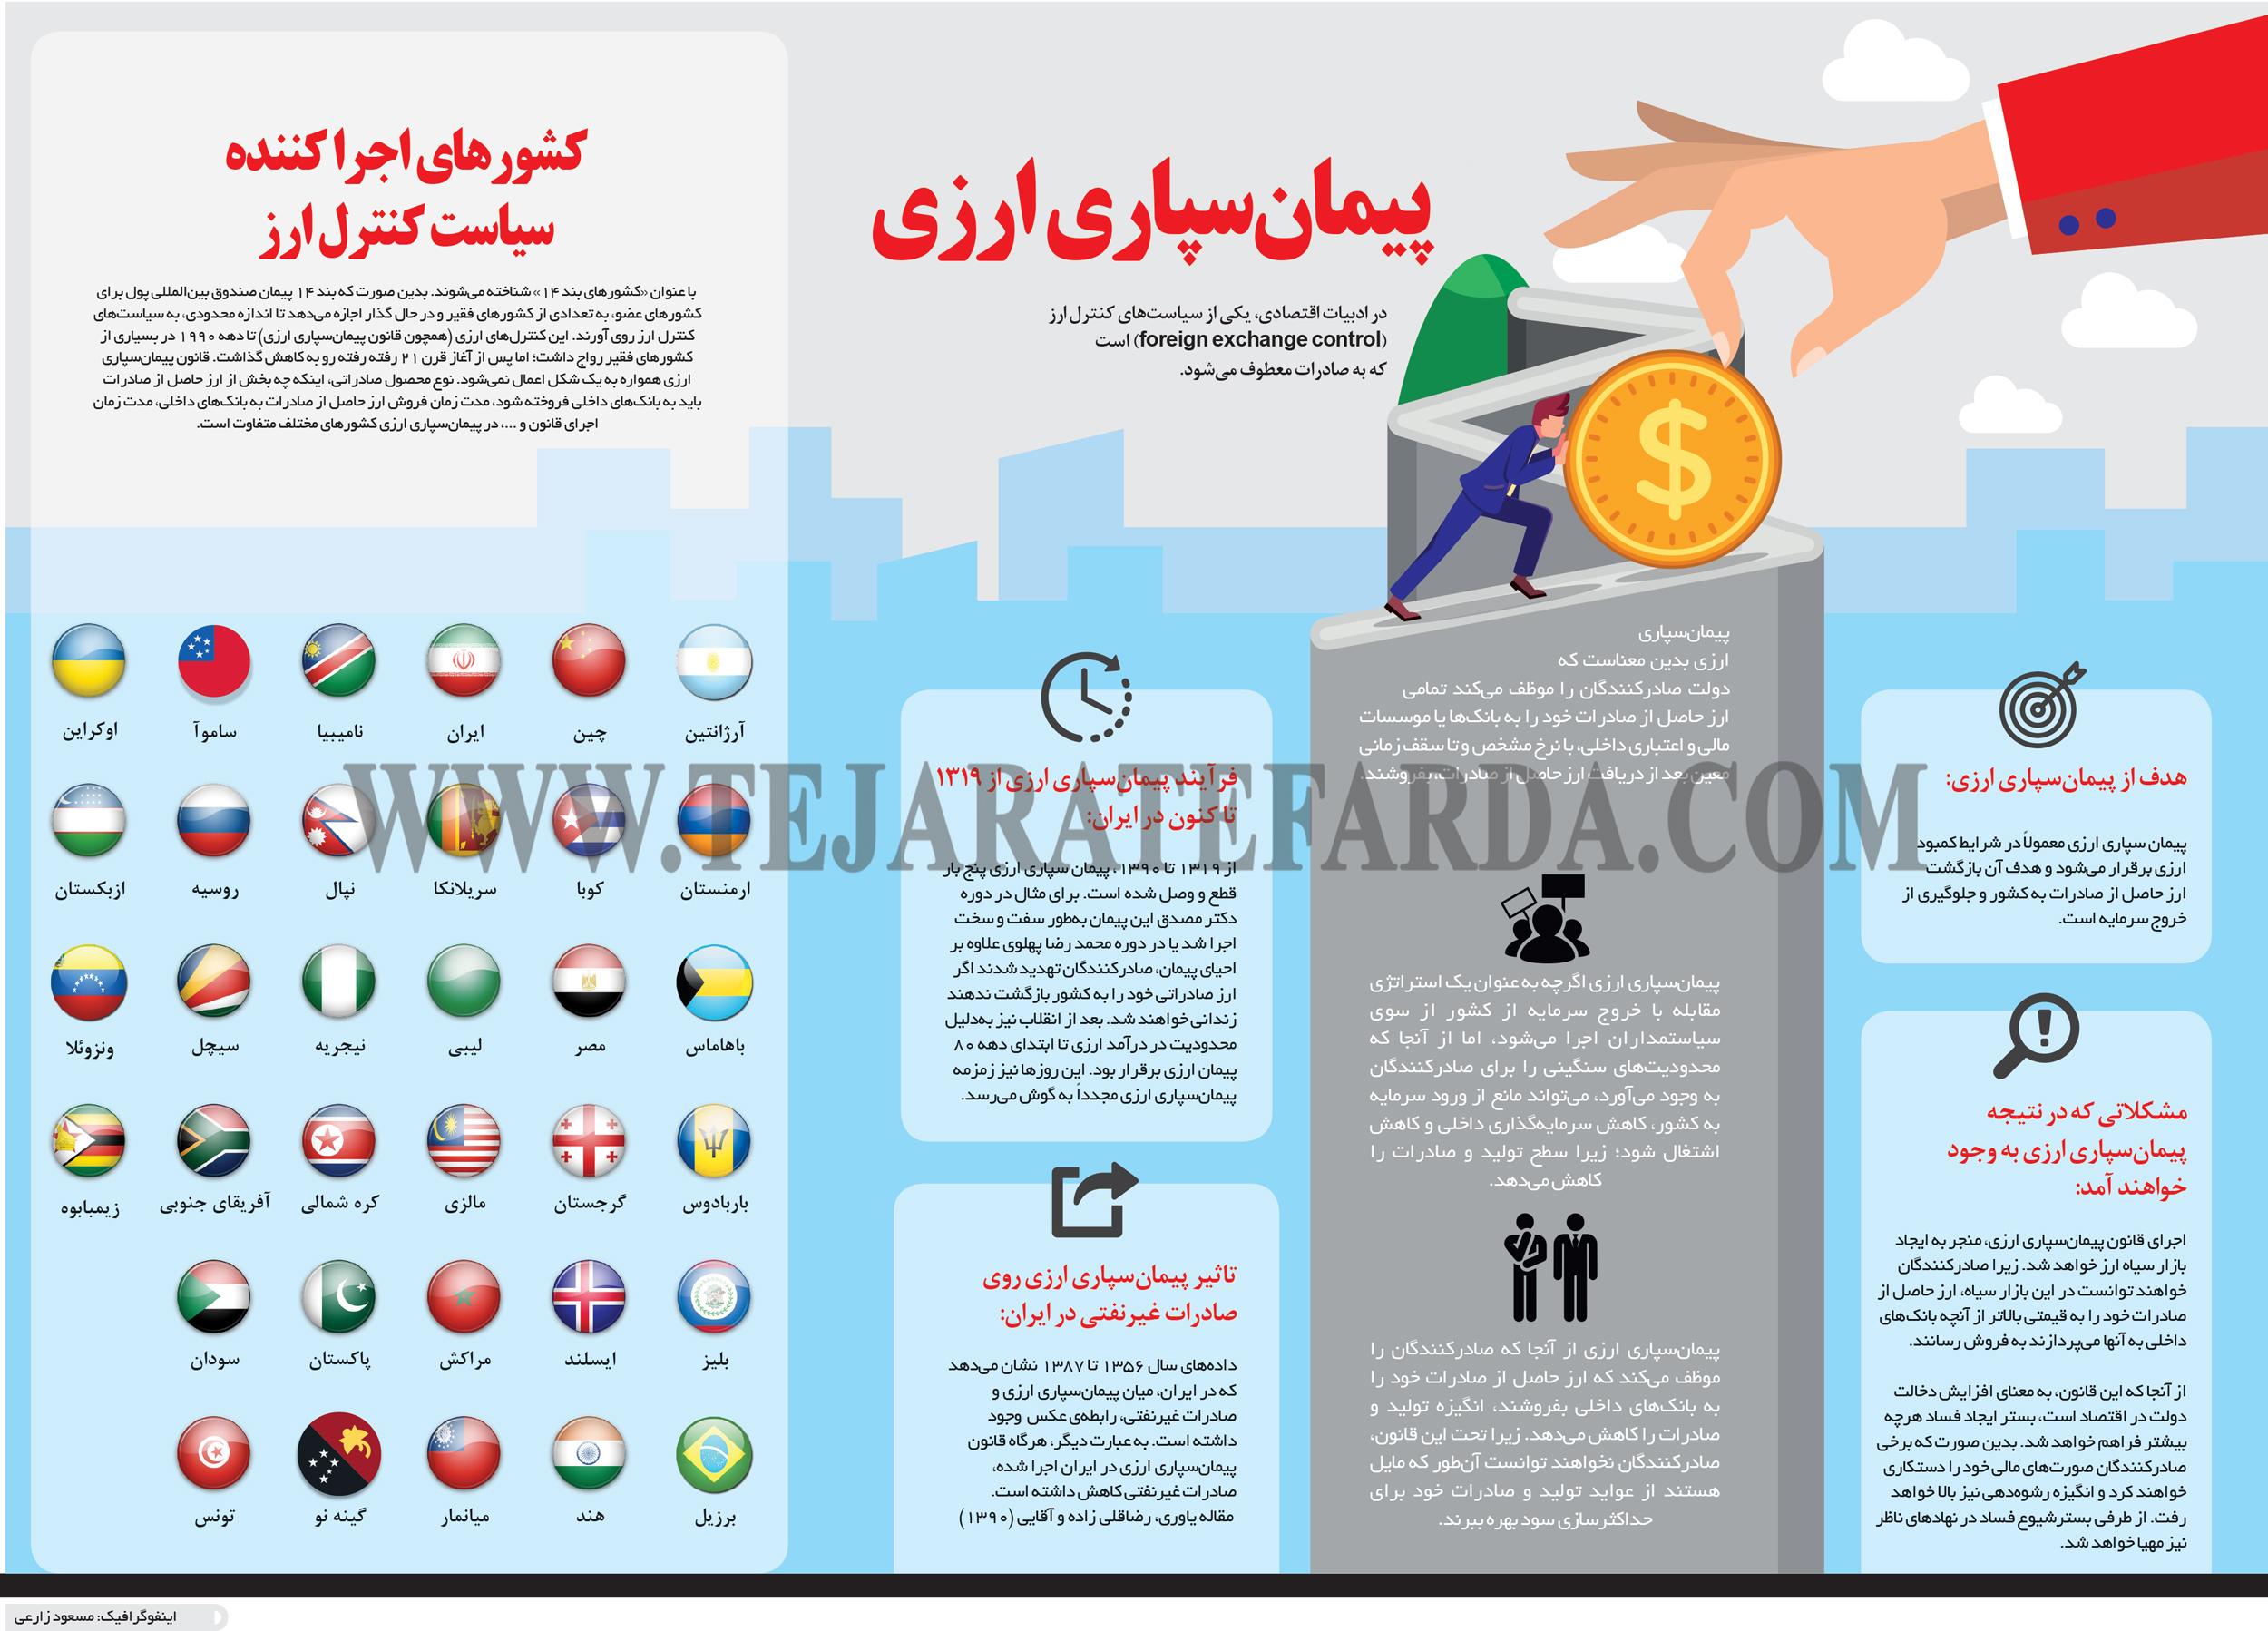 تجارت- فردا- پیمانسپاری ارزی(اینفوگرافیک)